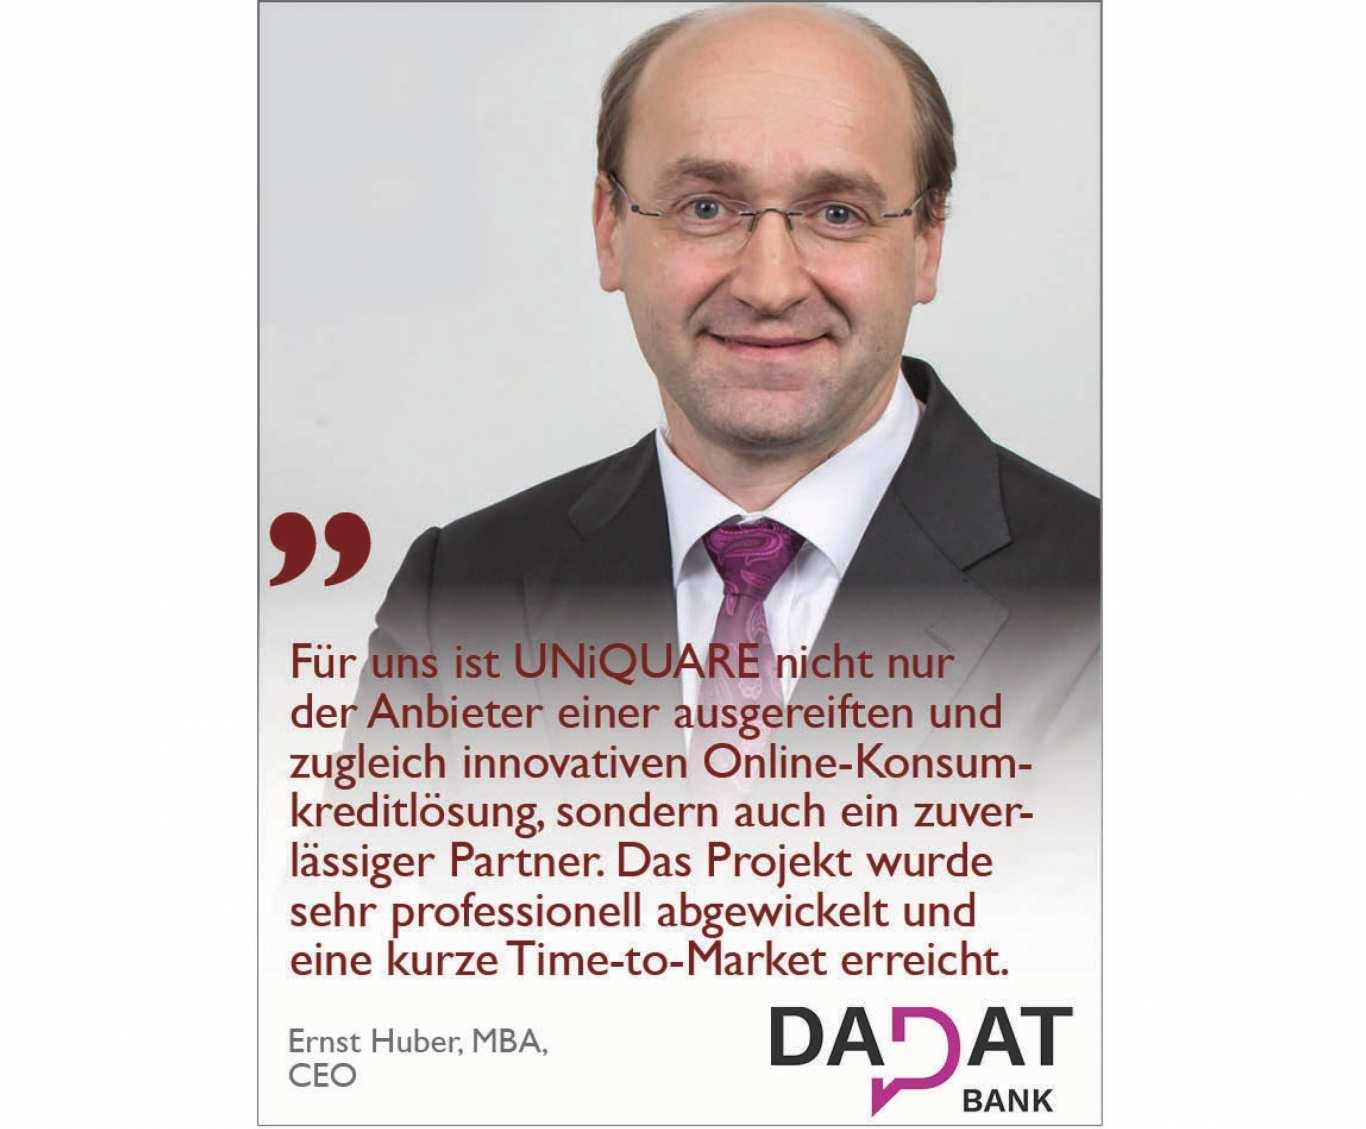 UNiQUARE Kunde DADAT zur besten Direktbank Österreichs gewählt